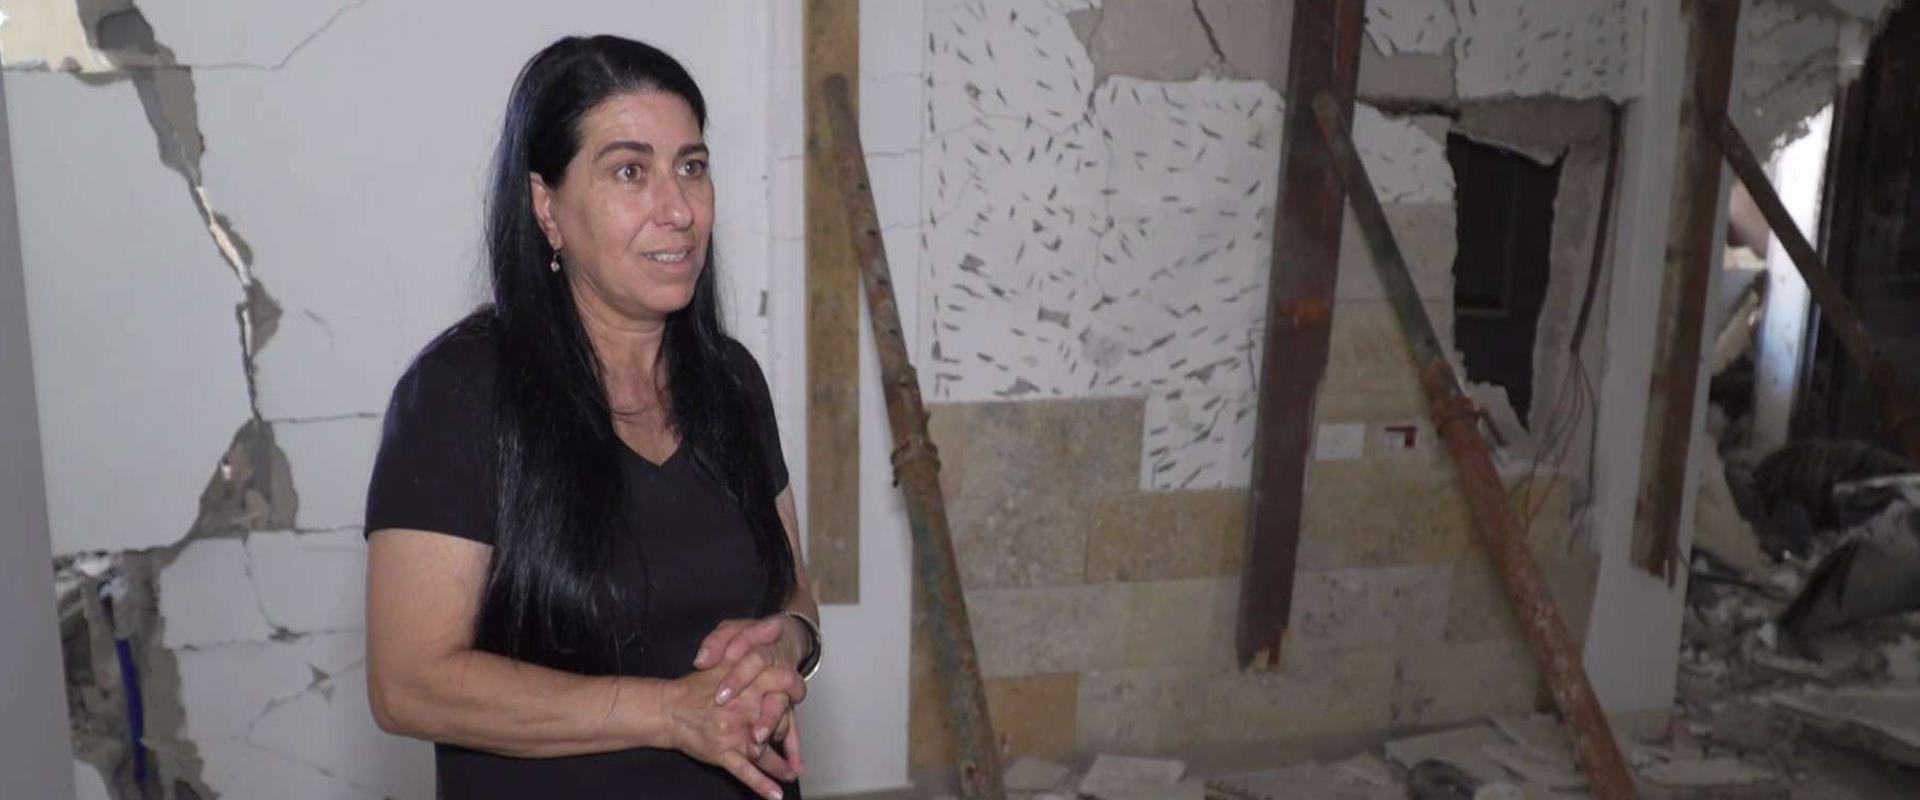 """משפחות שרכושם ניזוק ב""""שומר החומות"""" נאבקות בבירוקרט"""